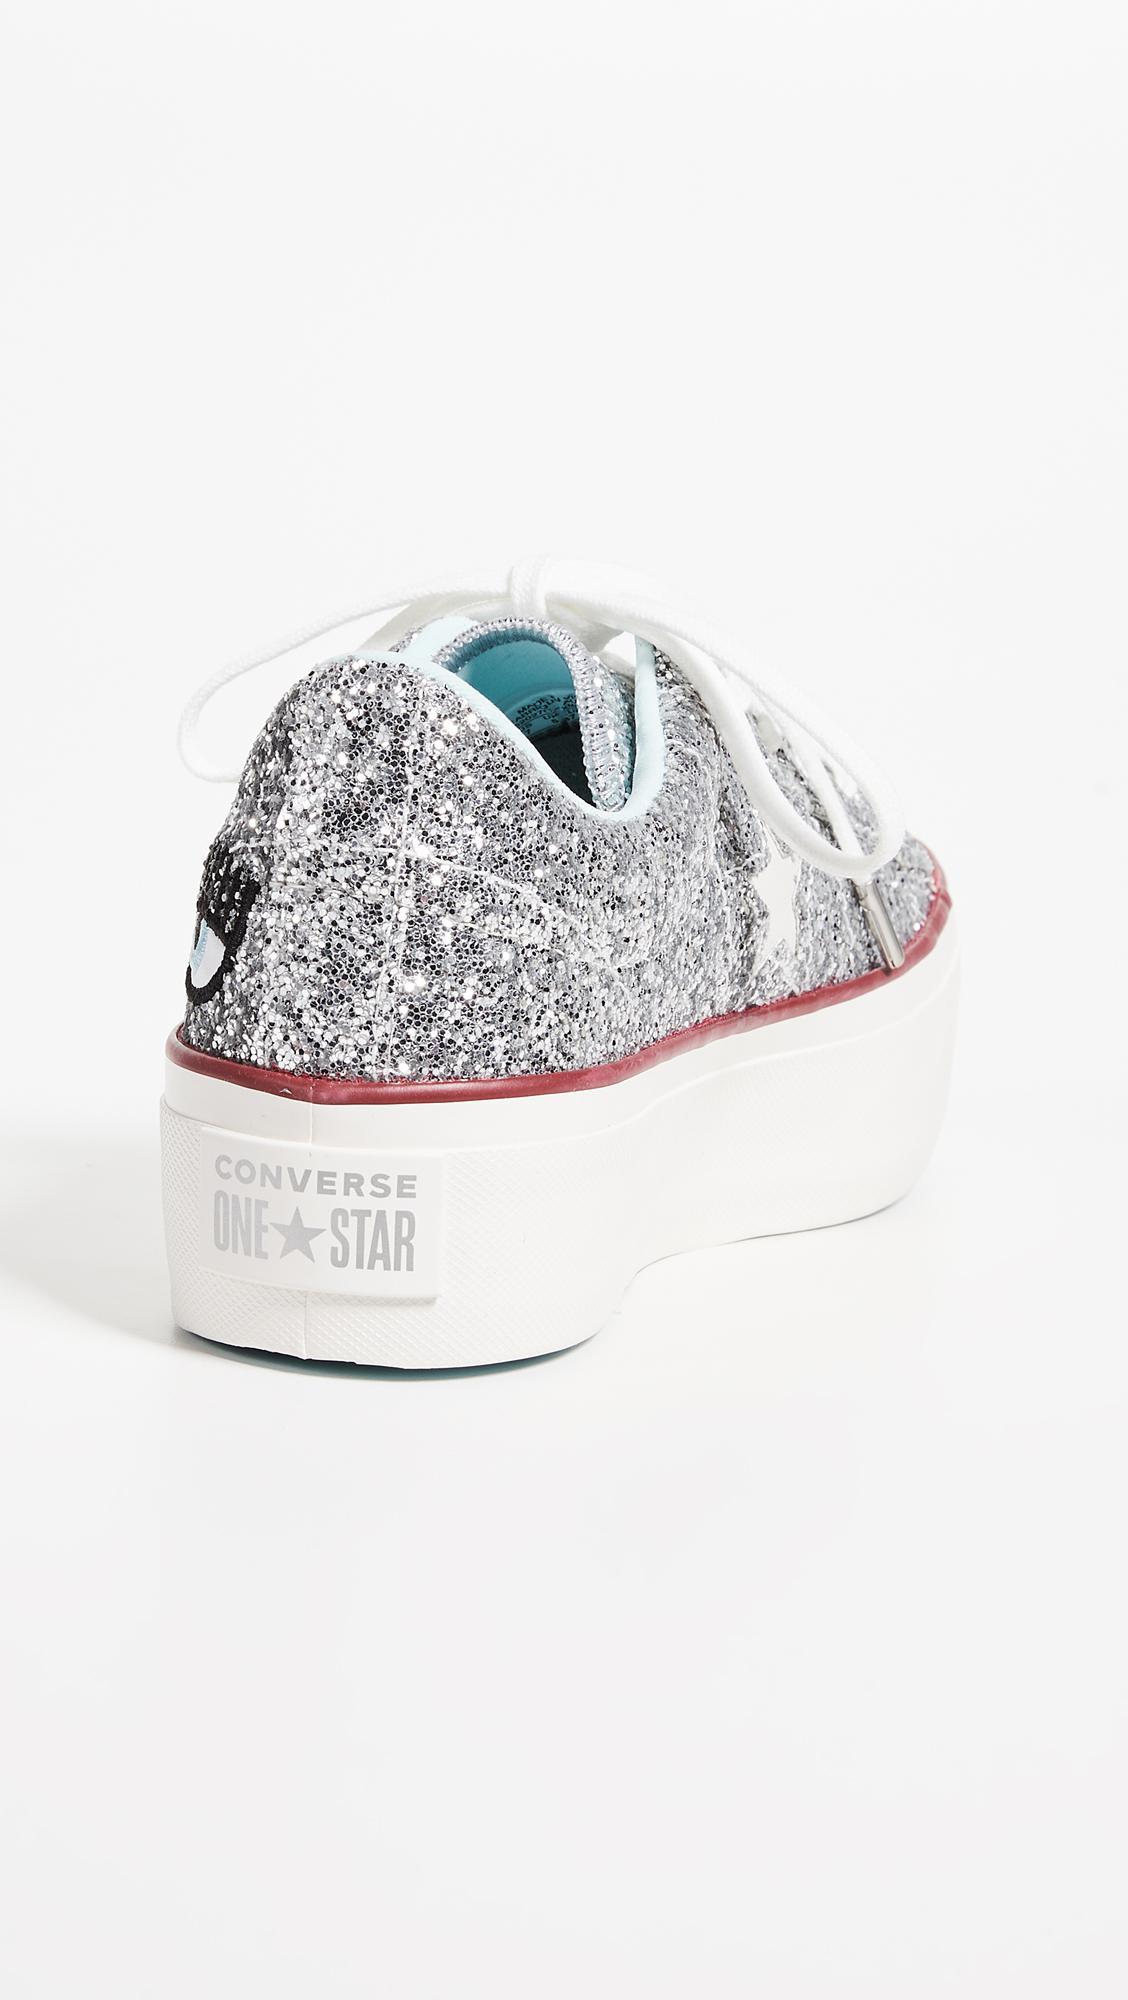 Converse Rubber X Chiara Ferragni Sneakers in Silver (Metallic)